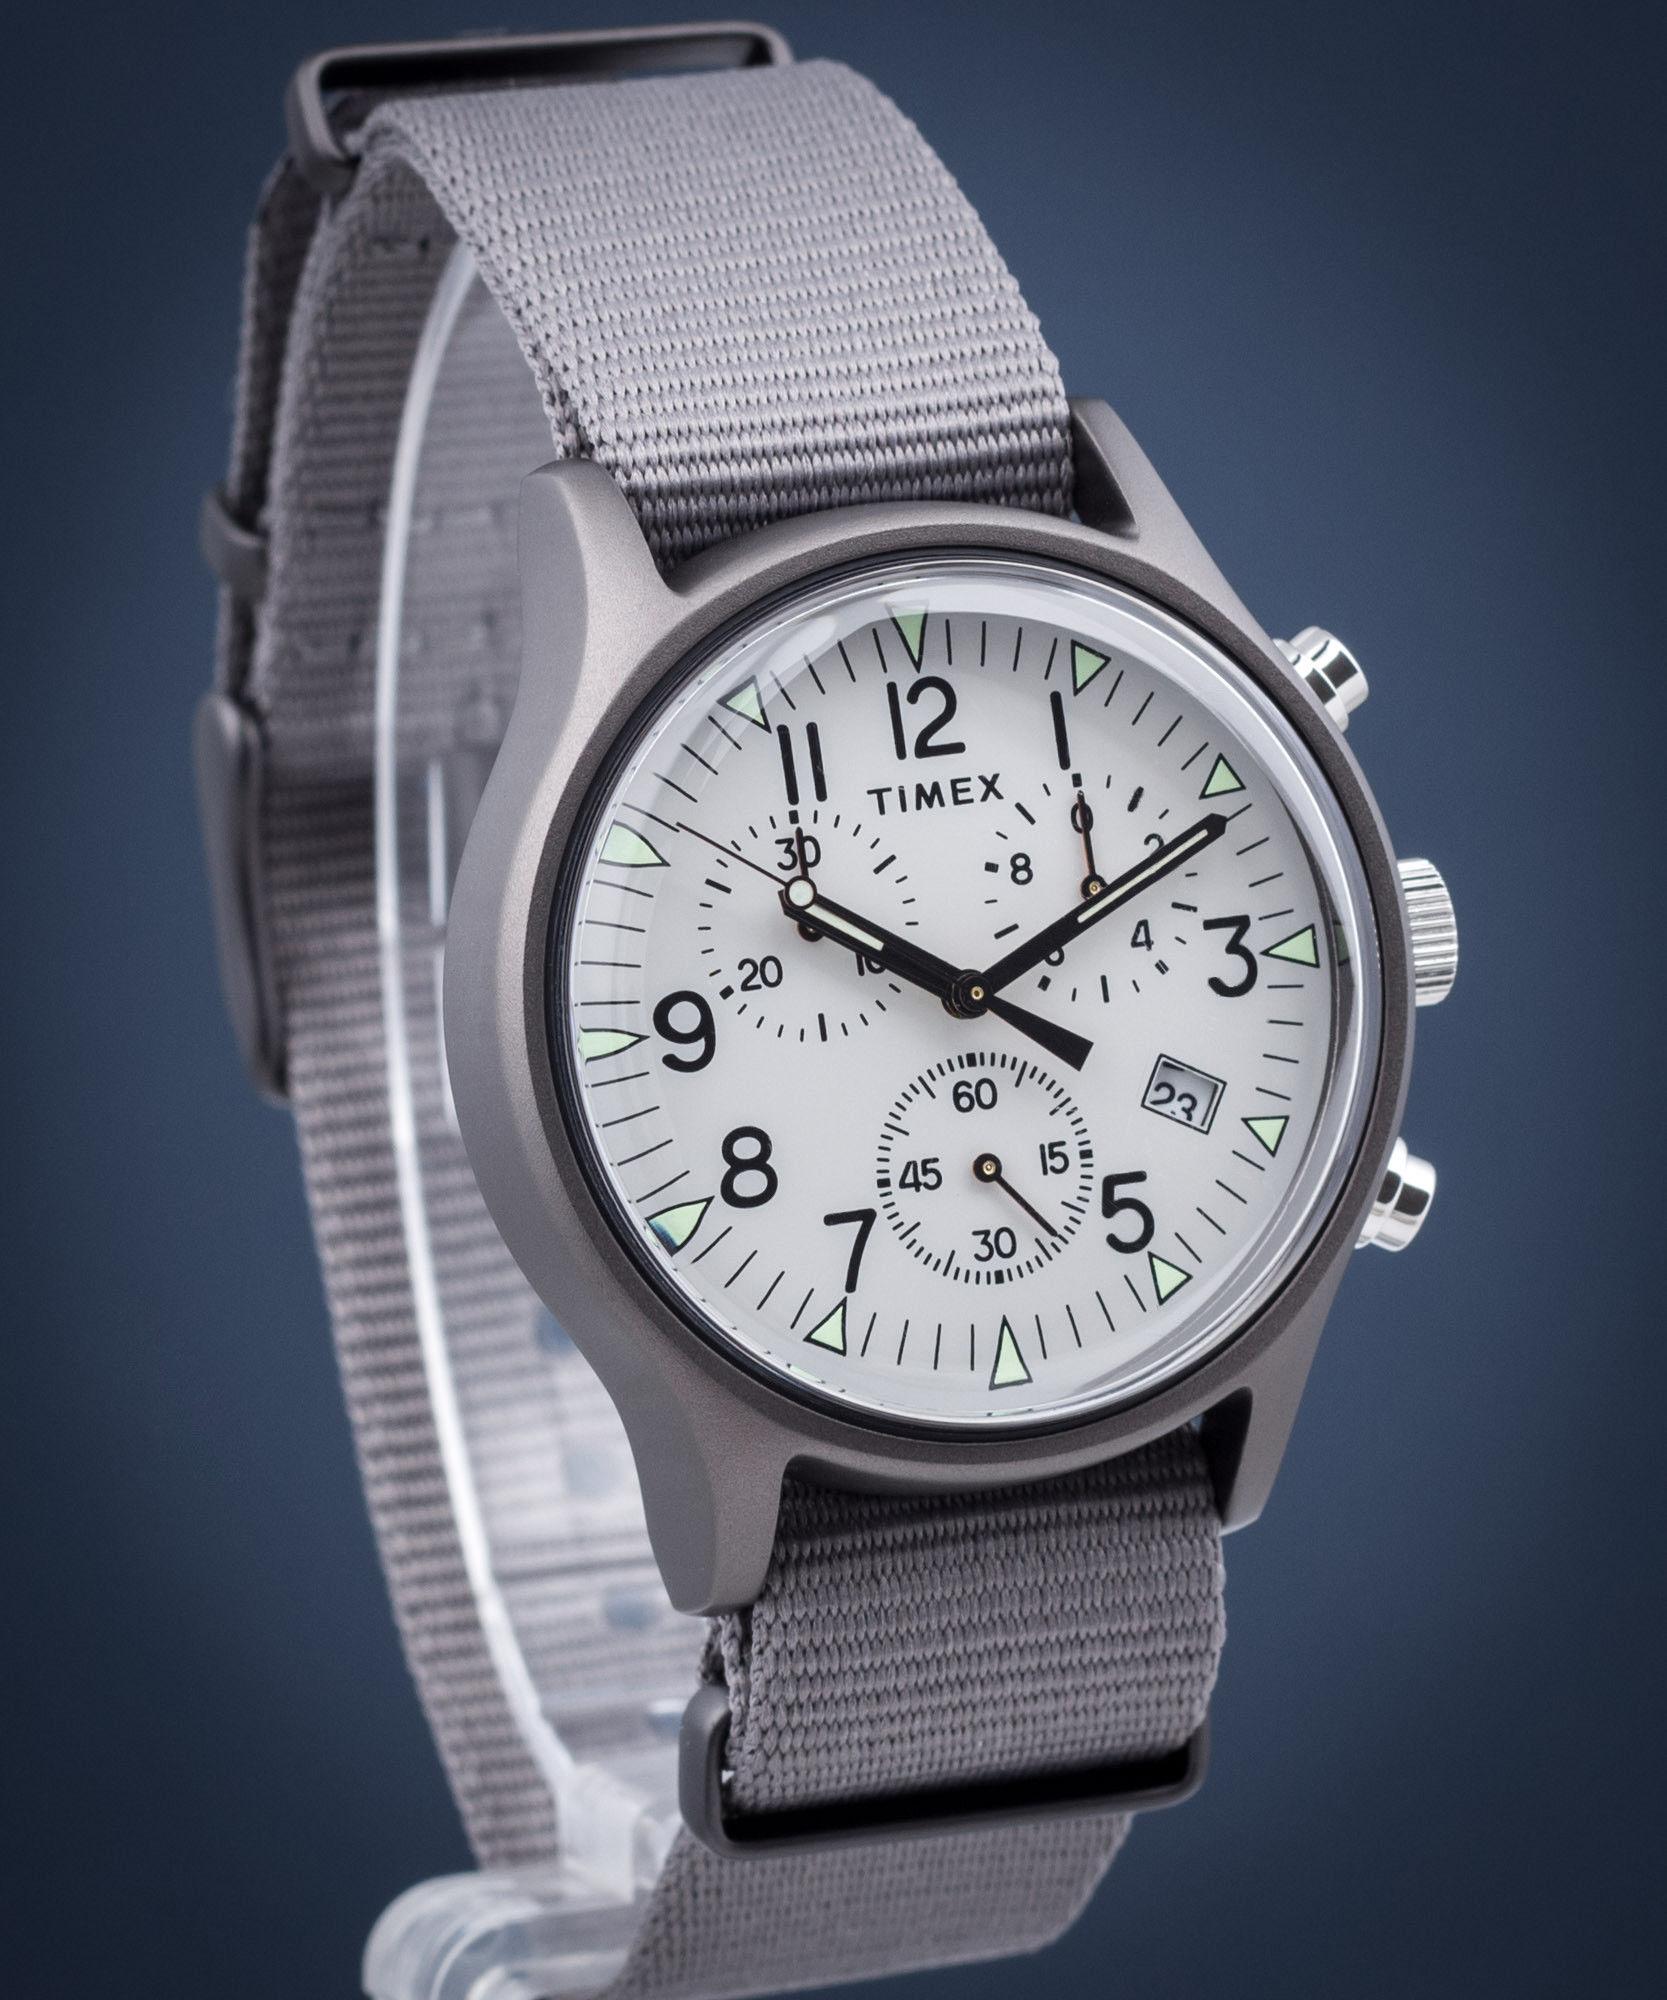 Zegarek Timex TW2T10900 - CENA DO NEGOCJACJI - DOSTAWA DHL GRATIS, KUPUJ BEZ RYZYKA - 100 dni na zwrot, możliwość wygrawerowania dowolnego tekstu.